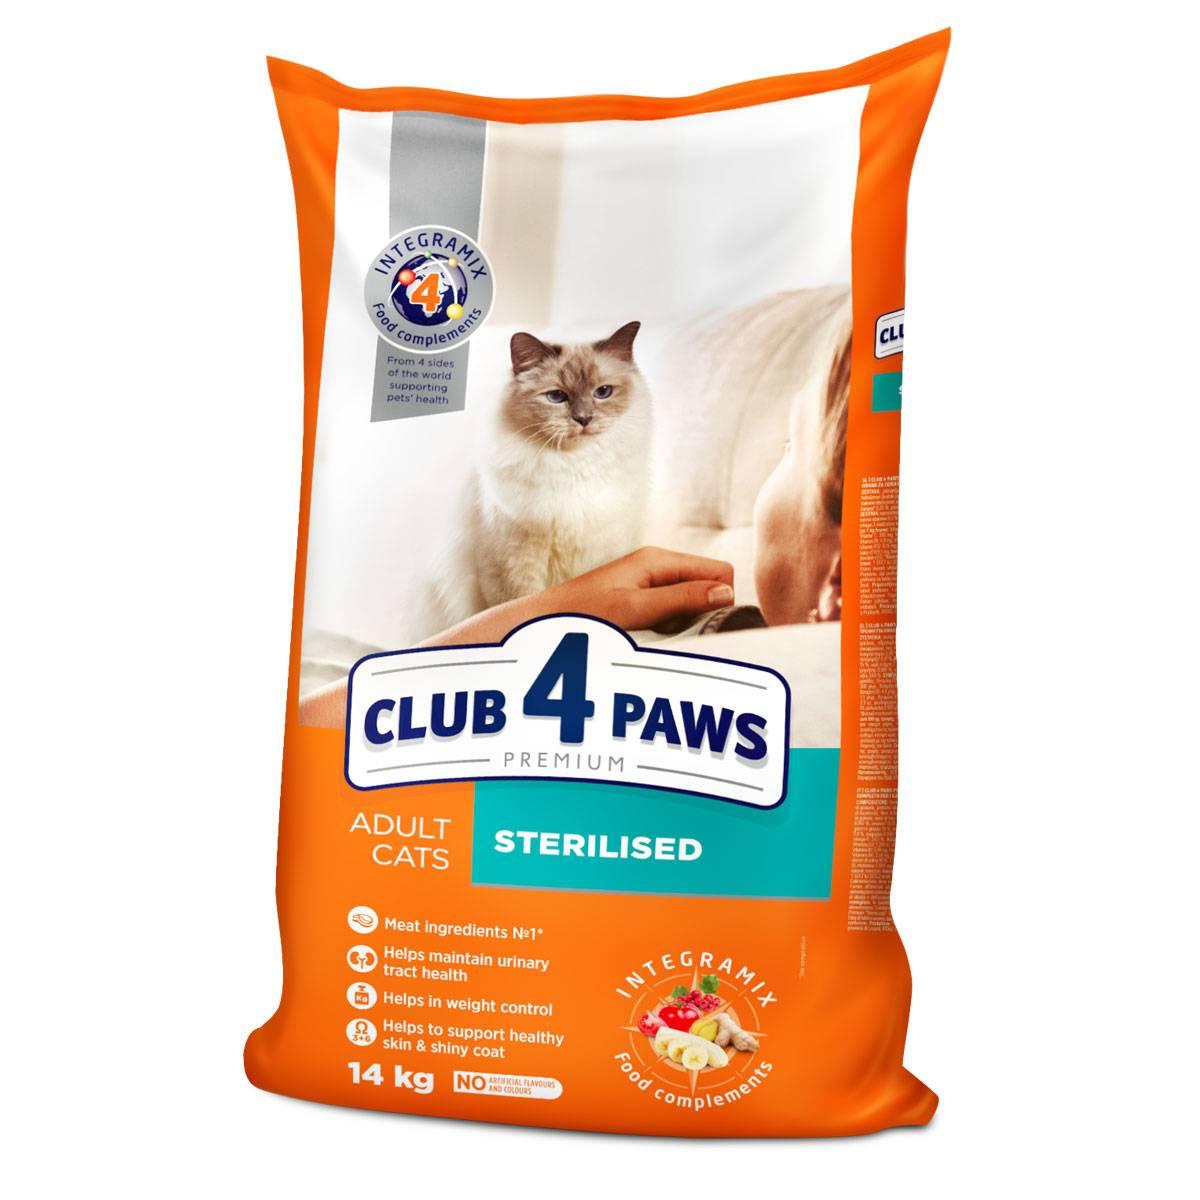 Корма для кошек премиум класса